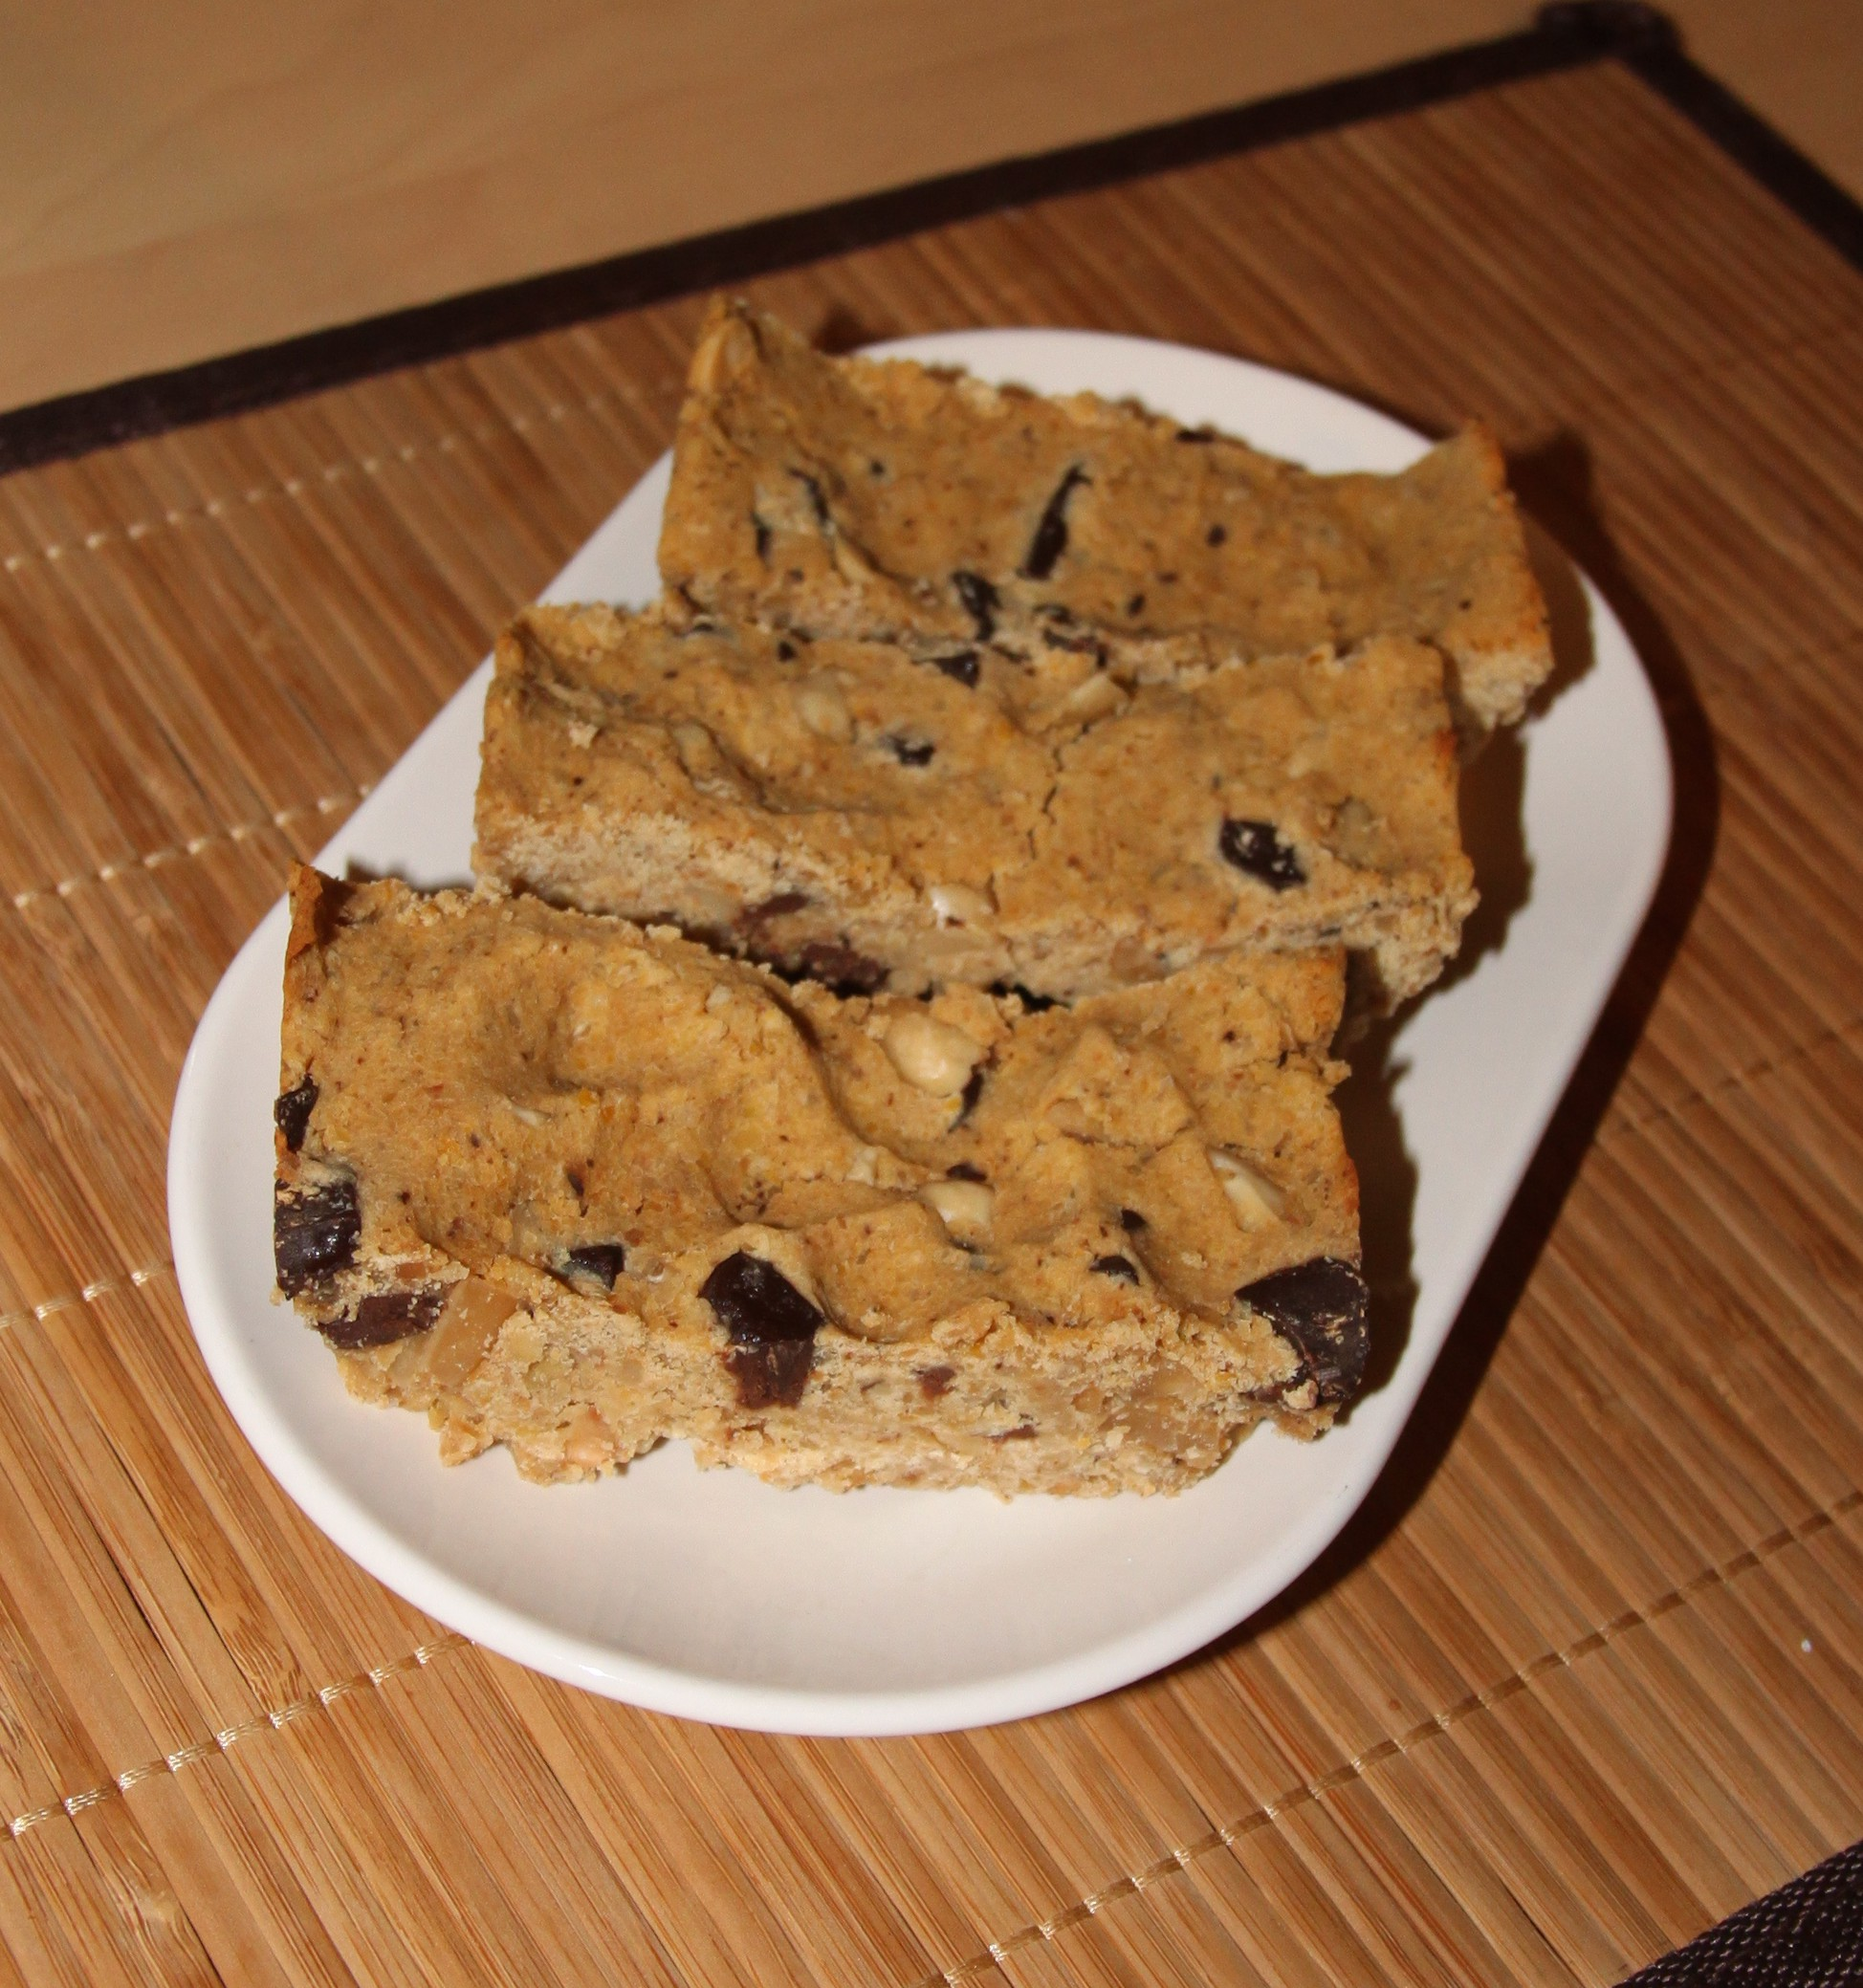 Barres au beurre de cacahuète, pois chiche et pépites de chocolat